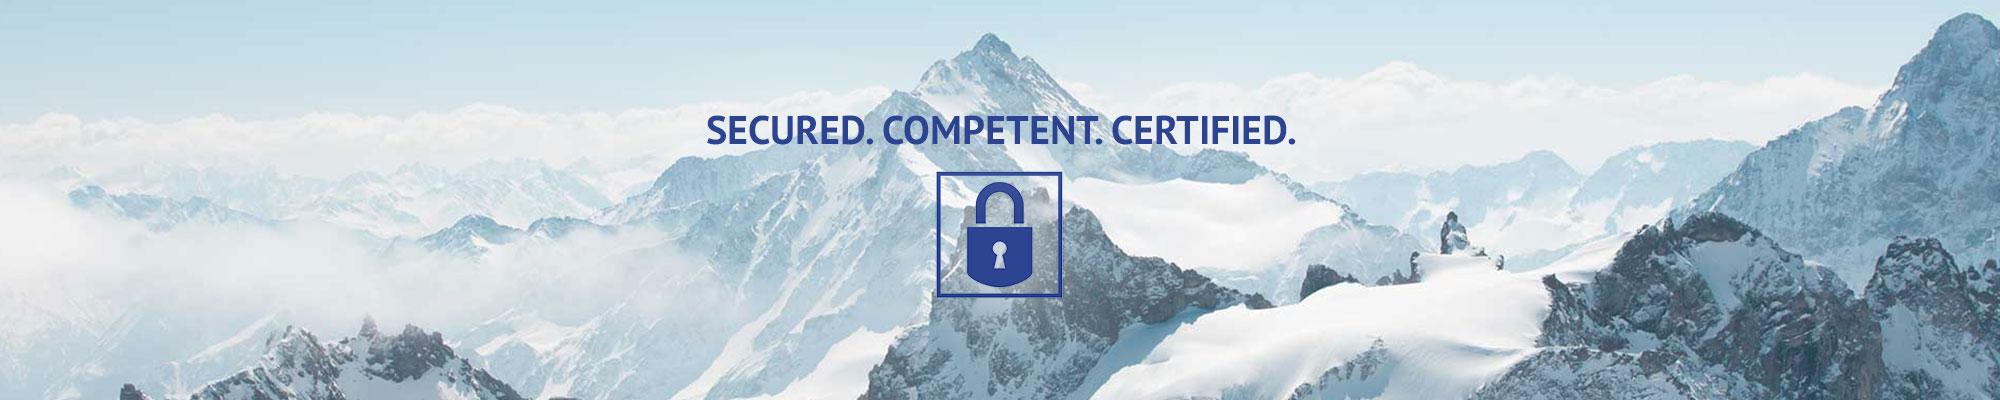 Schweizer Berge mit einem blauen Schloss-Icon und der Headline Secured. Competent. Certified.